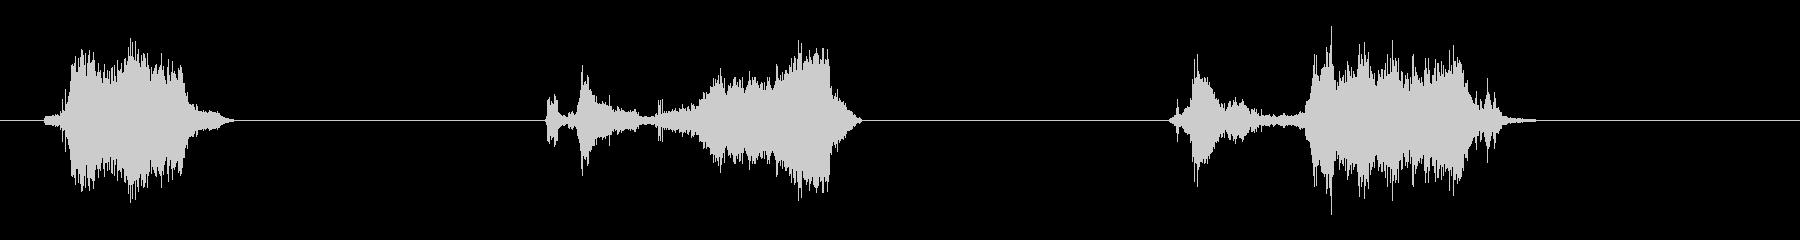 油圧式の未再生の波形